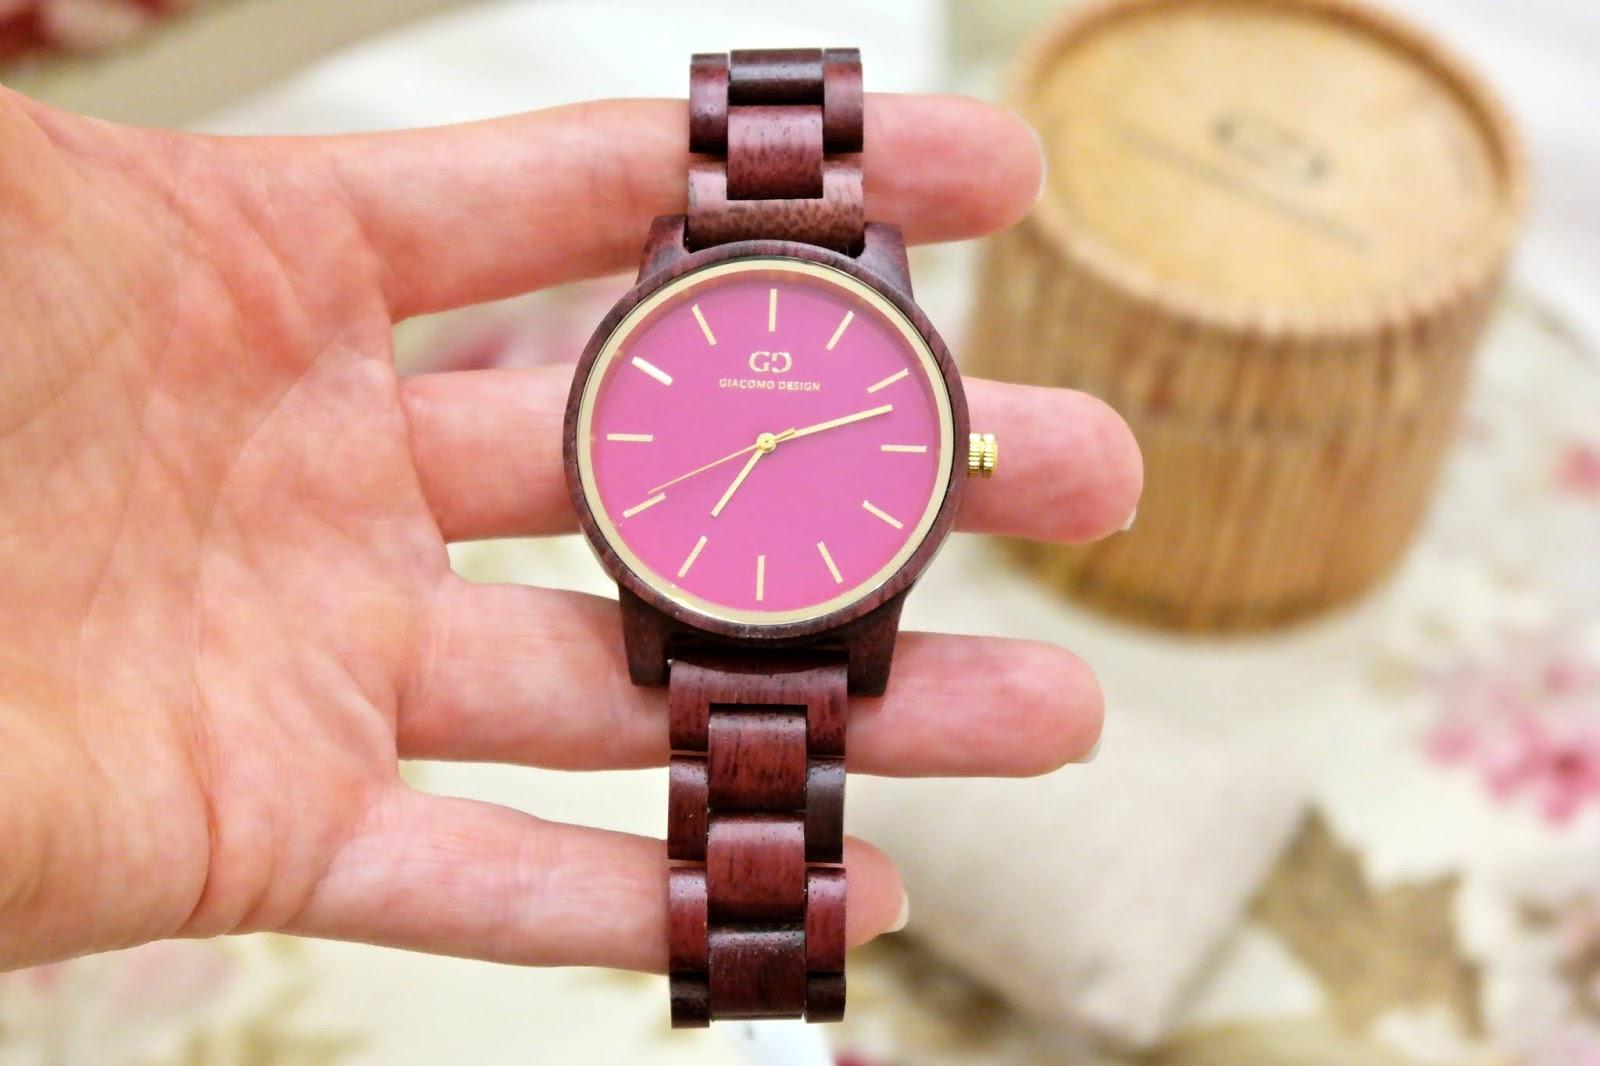 zegarek z tarczą 24 h